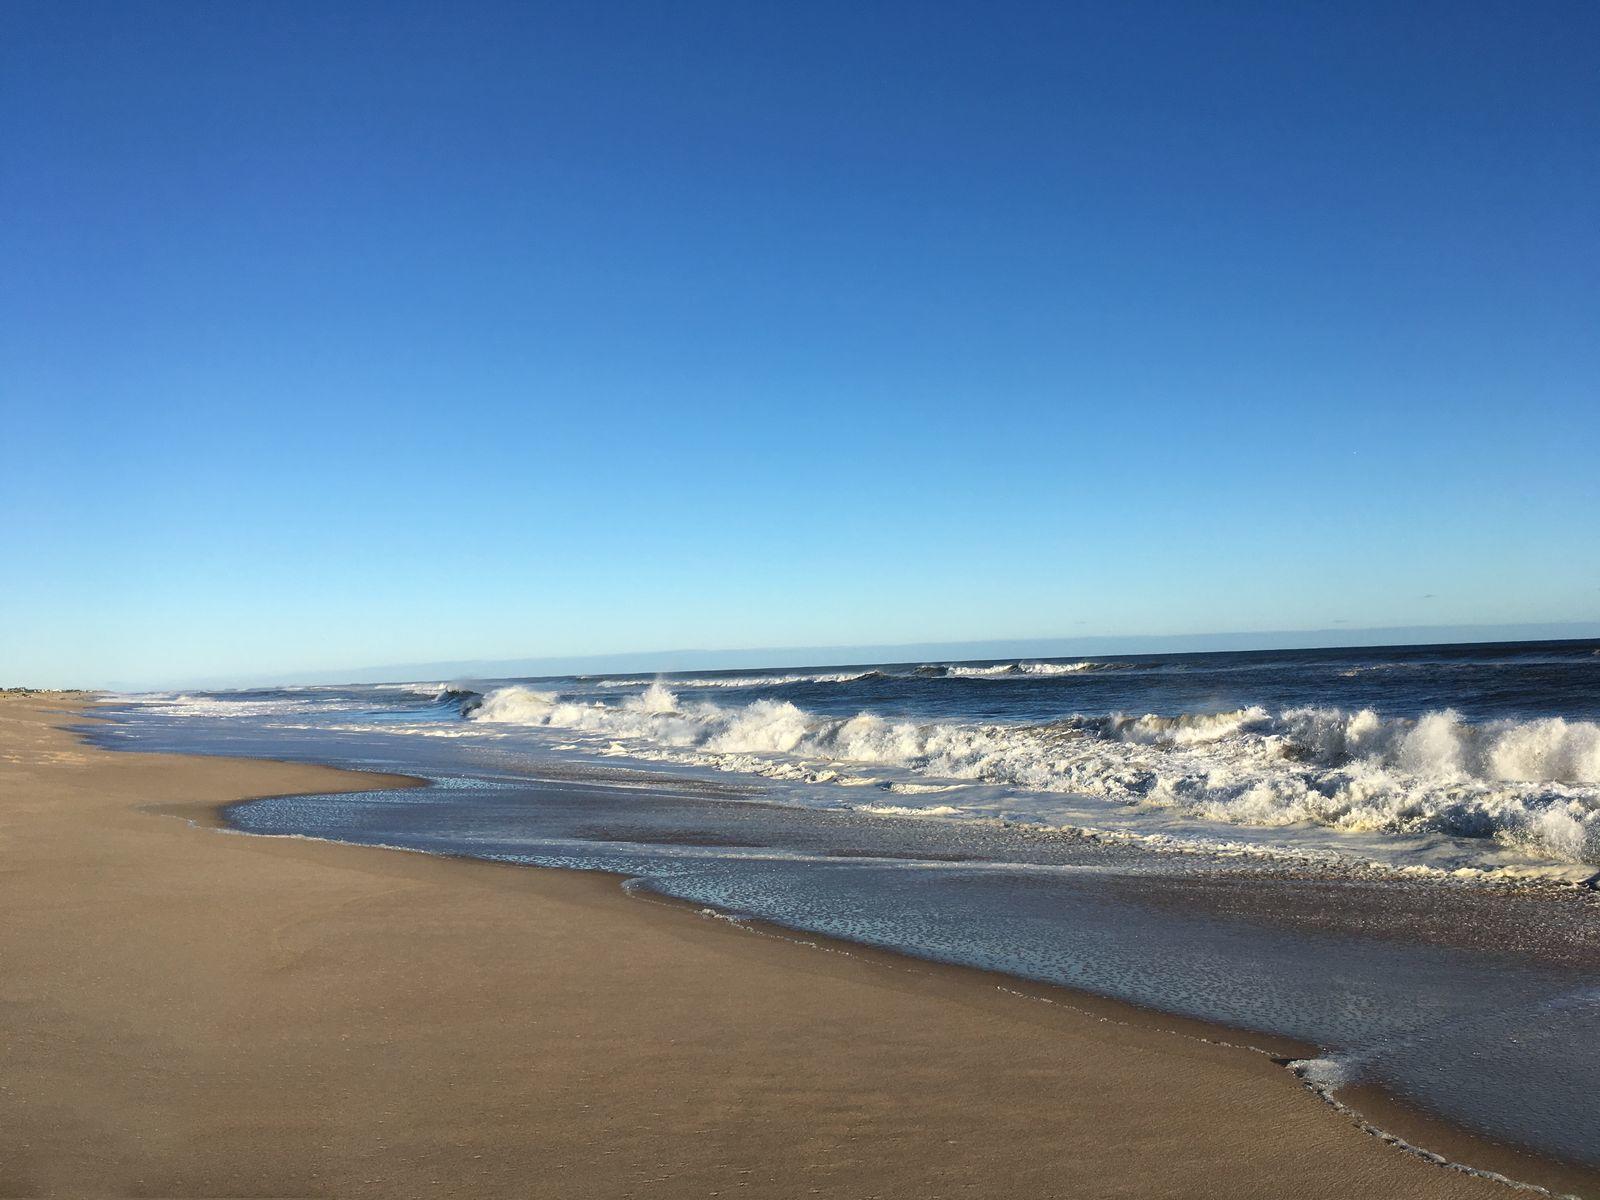 Beaches in East Hampton, NY